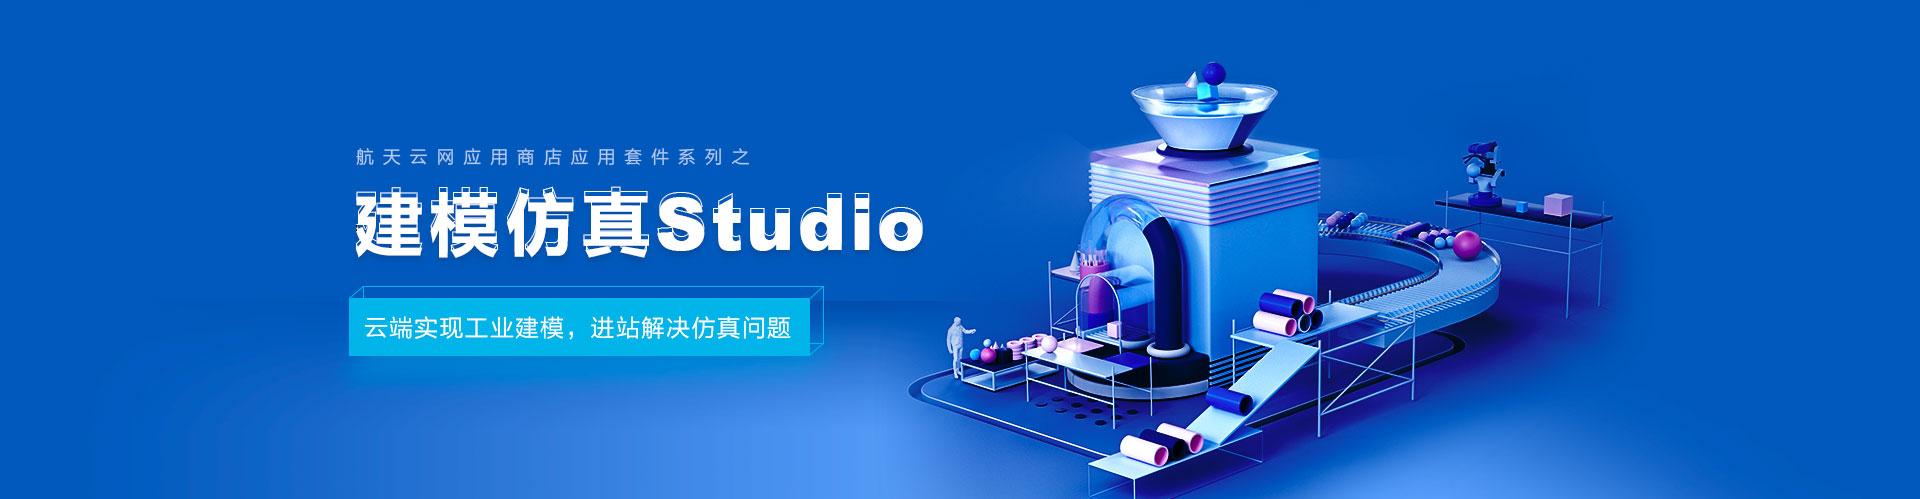 建模仿真Studio